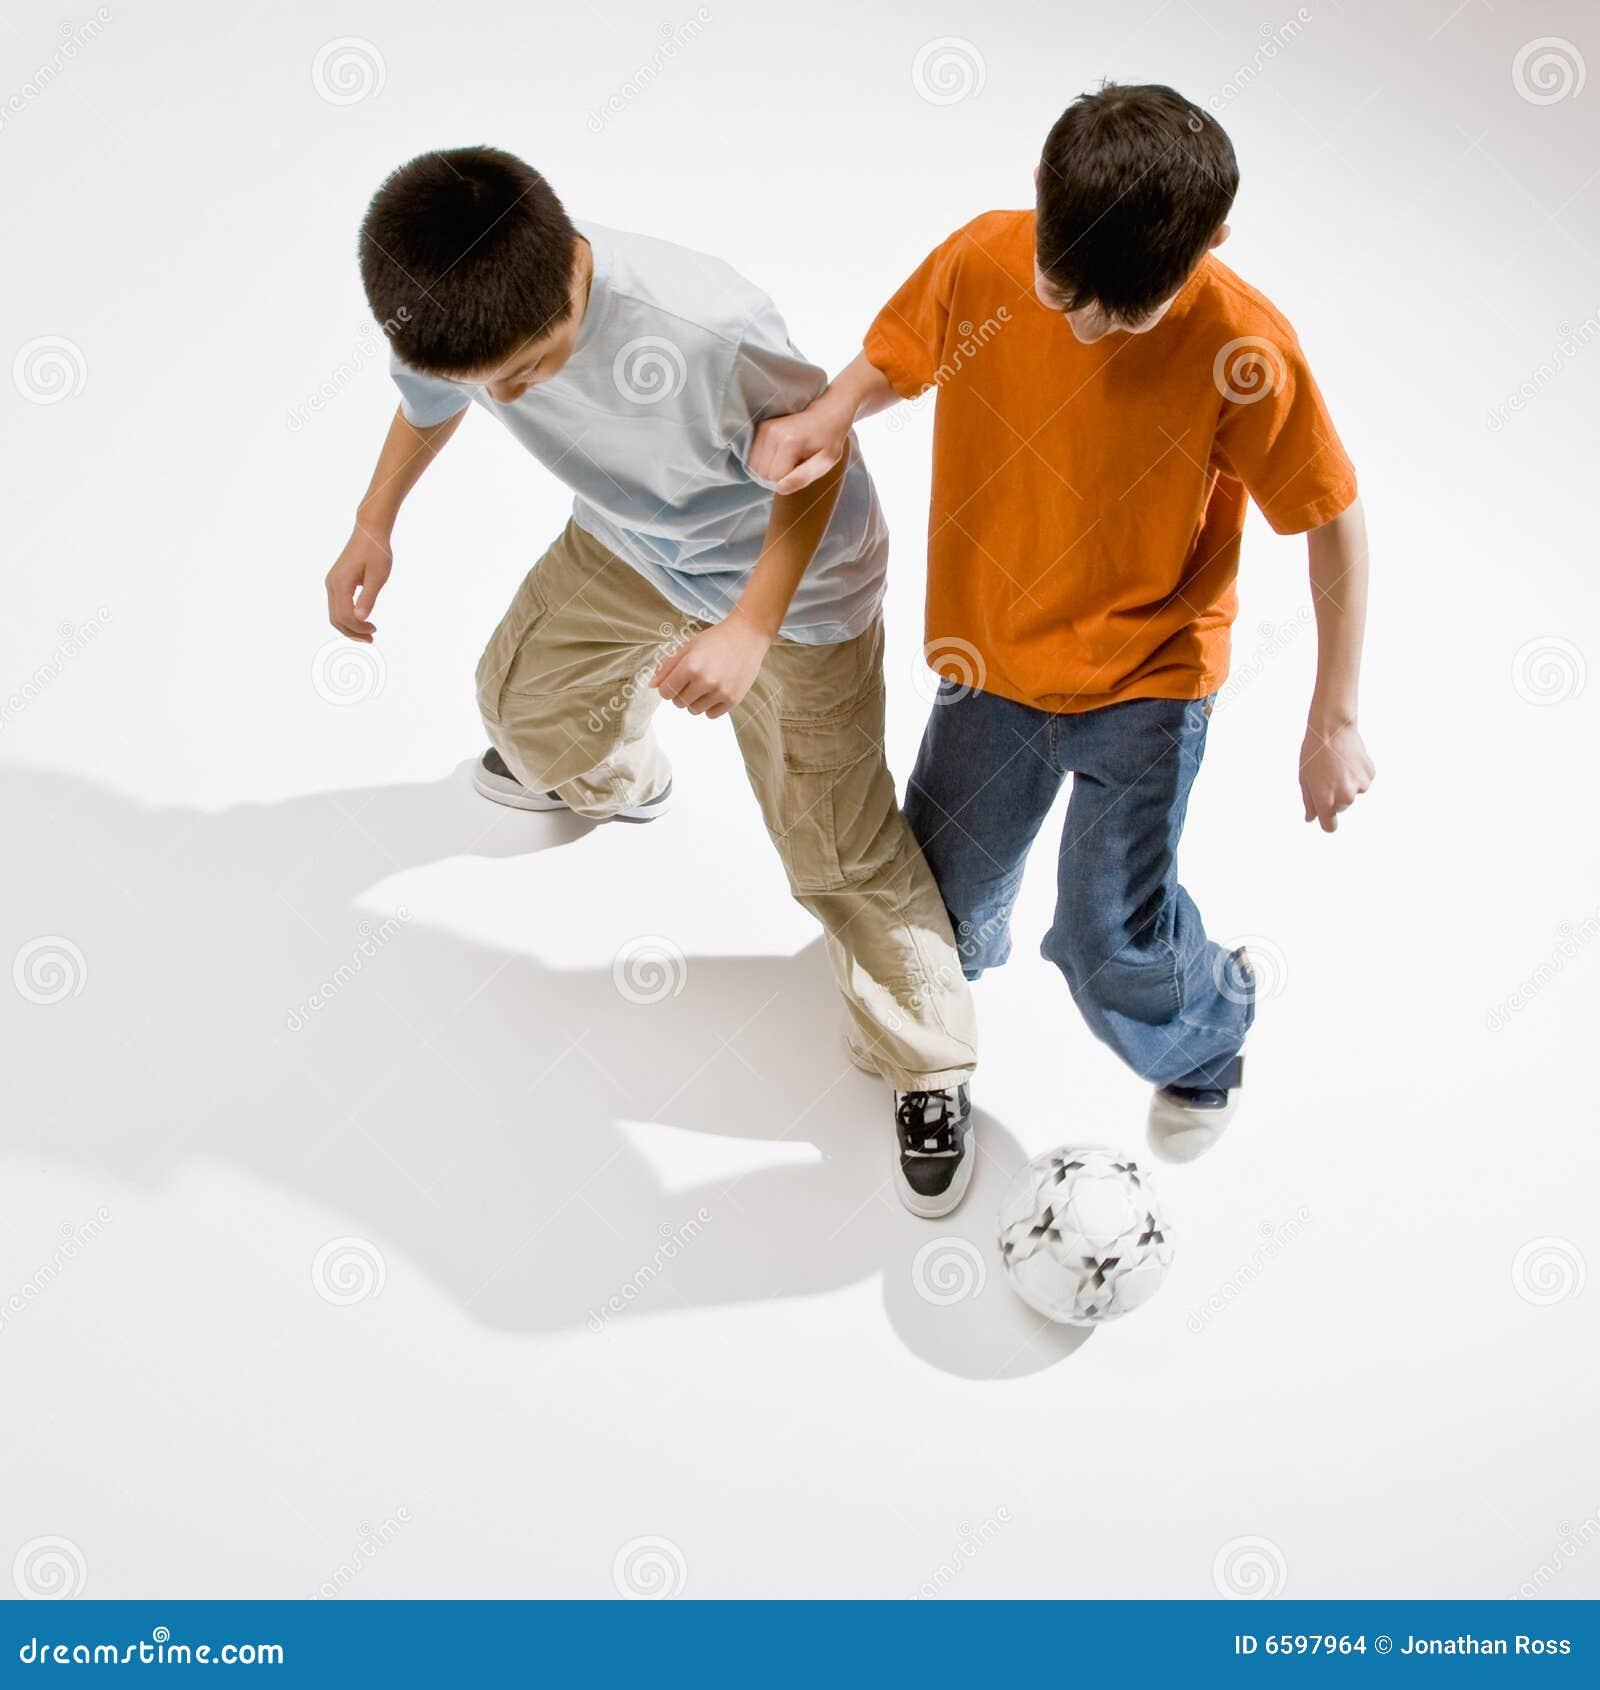 积极的球童足球喜欢对尝试